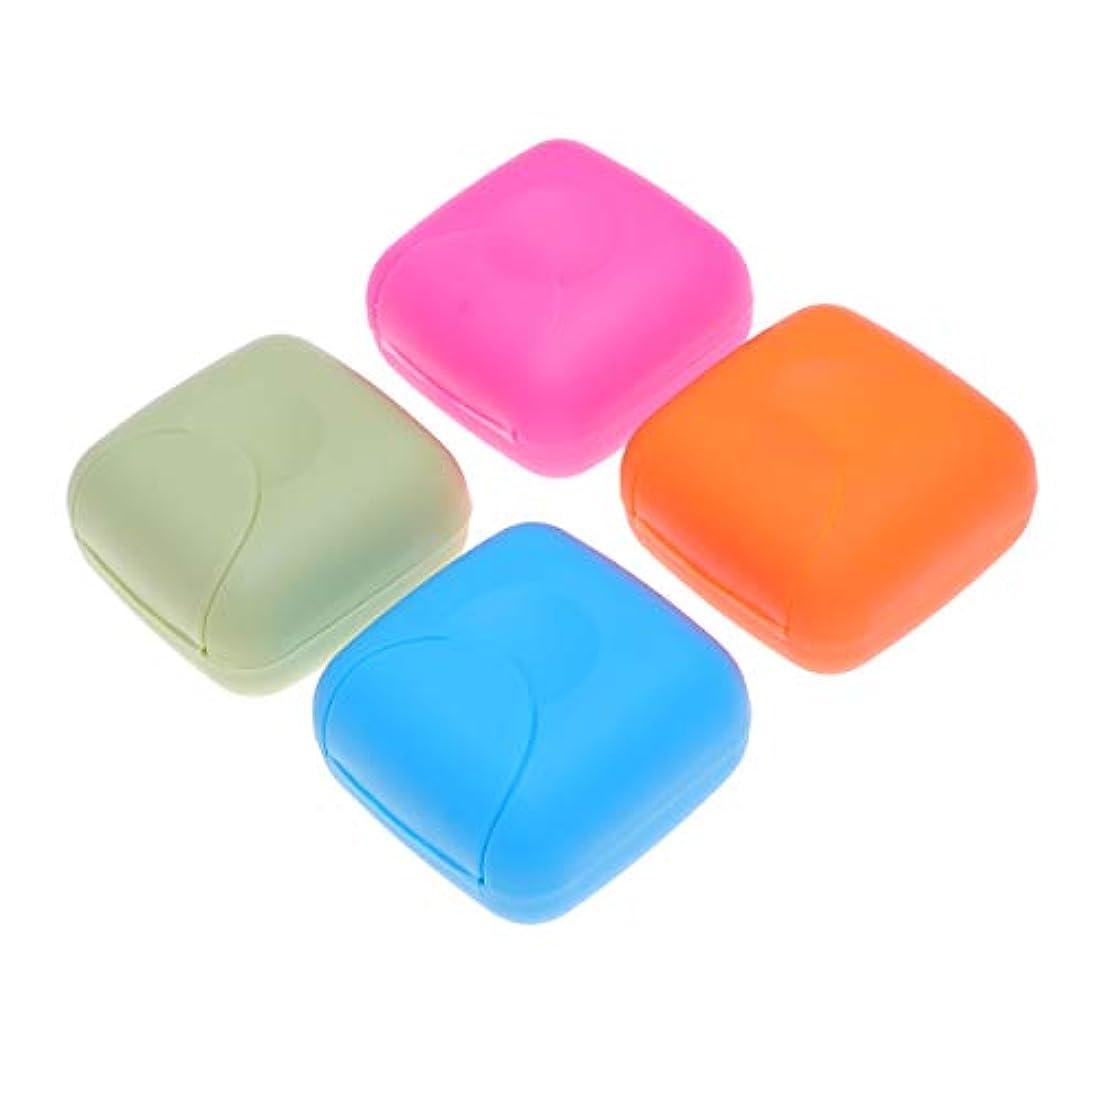 正しく収まる豆Healifty ソープボックス旅行密封されたポータブルホルダー家庭用ソープディッシュバスルームソープセーバーケースコンテナ用キャンプジム小型サイズ4ピース